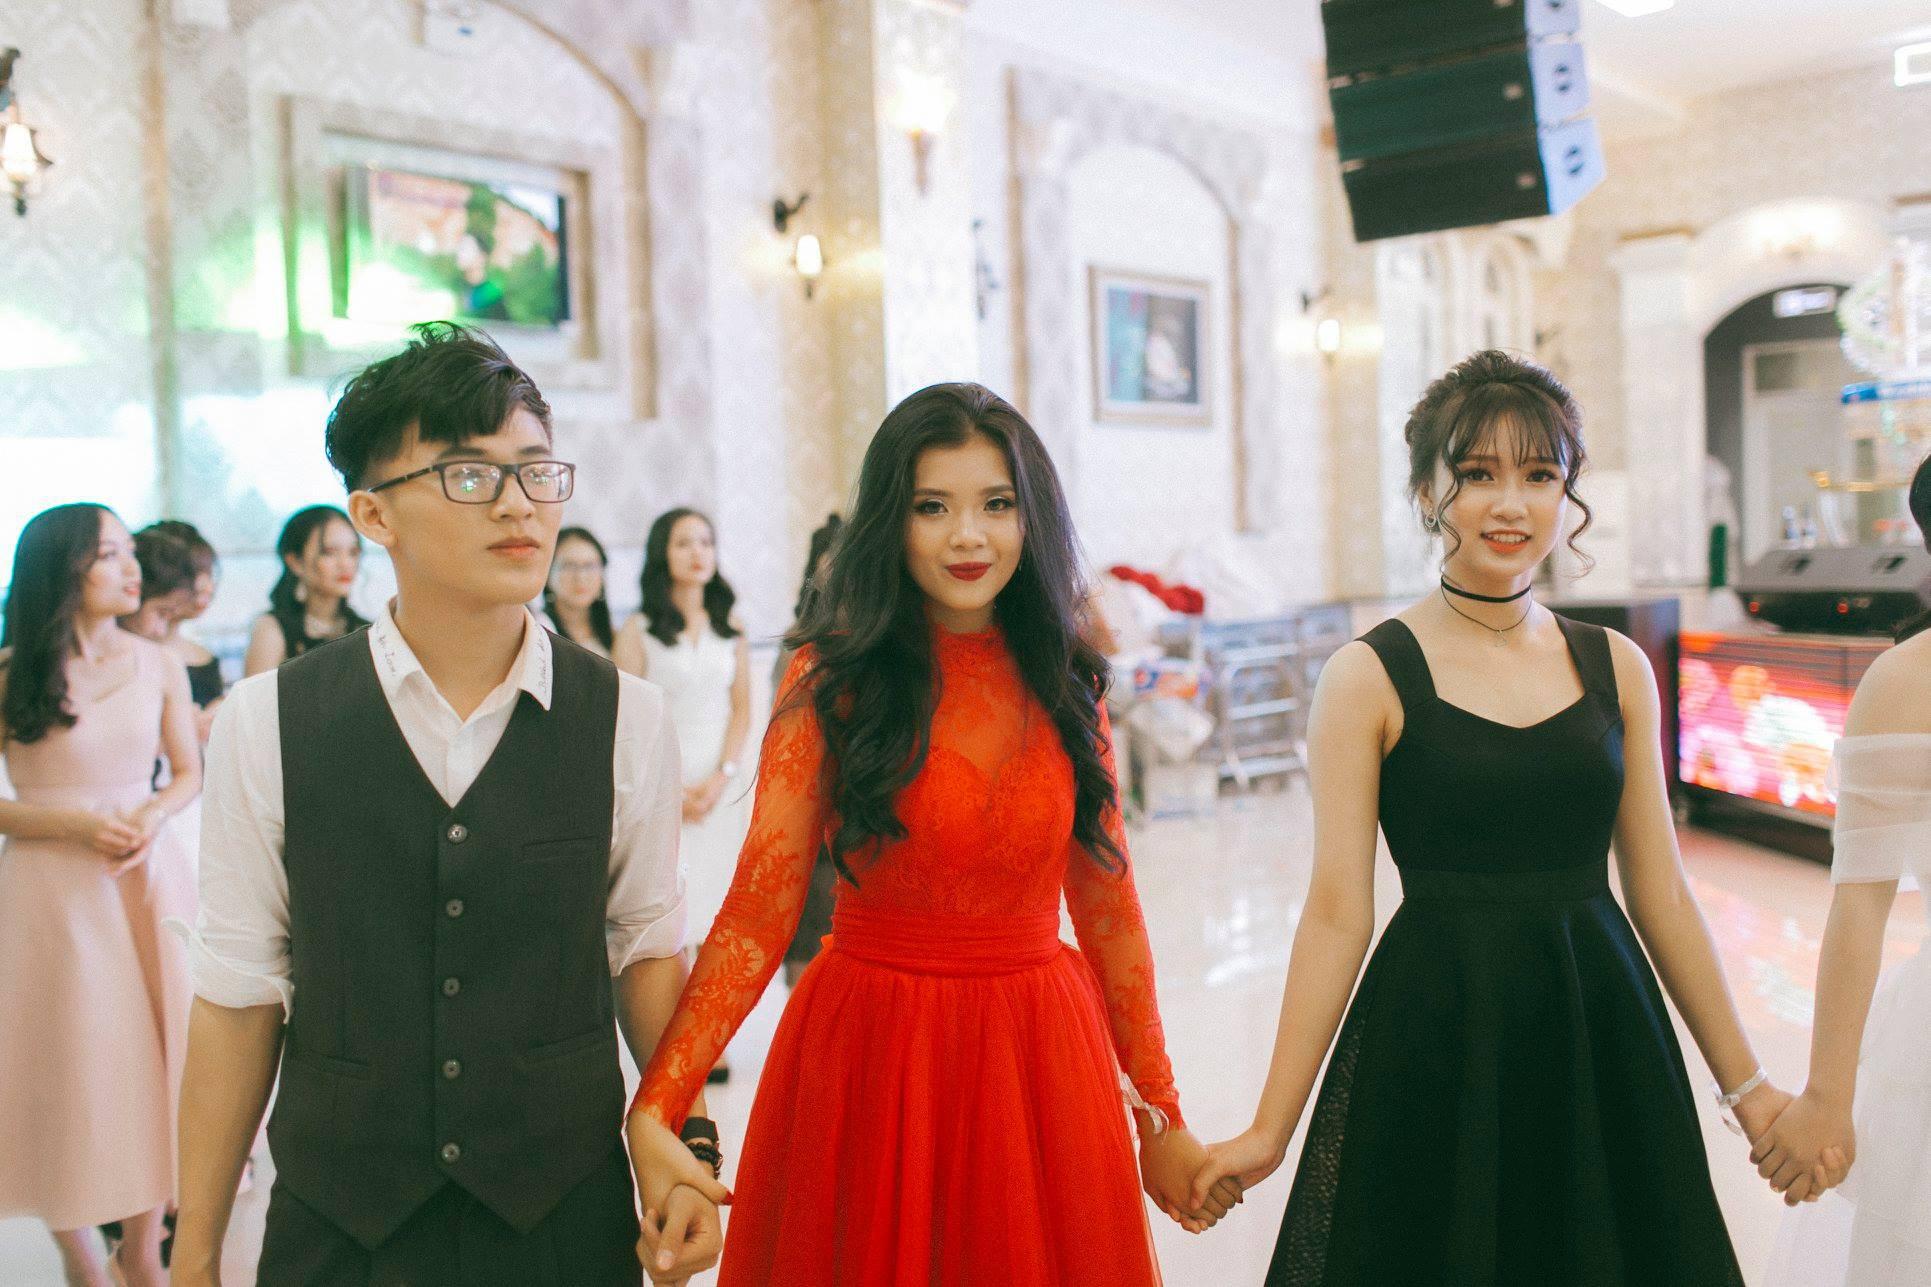 Không chỉ RMIT, trường chuyên phố núi Kon Tum cũng khiến chúng ta đã mắt với dàn trai xinh gái đẹp trong tiệc prom - Ảnh 16.